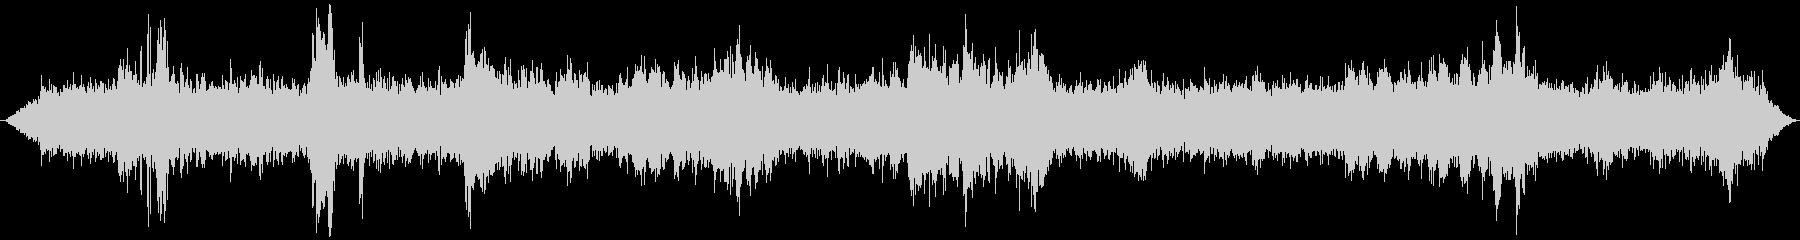 ドローン アトミックスクレイプ01の未再生の波形